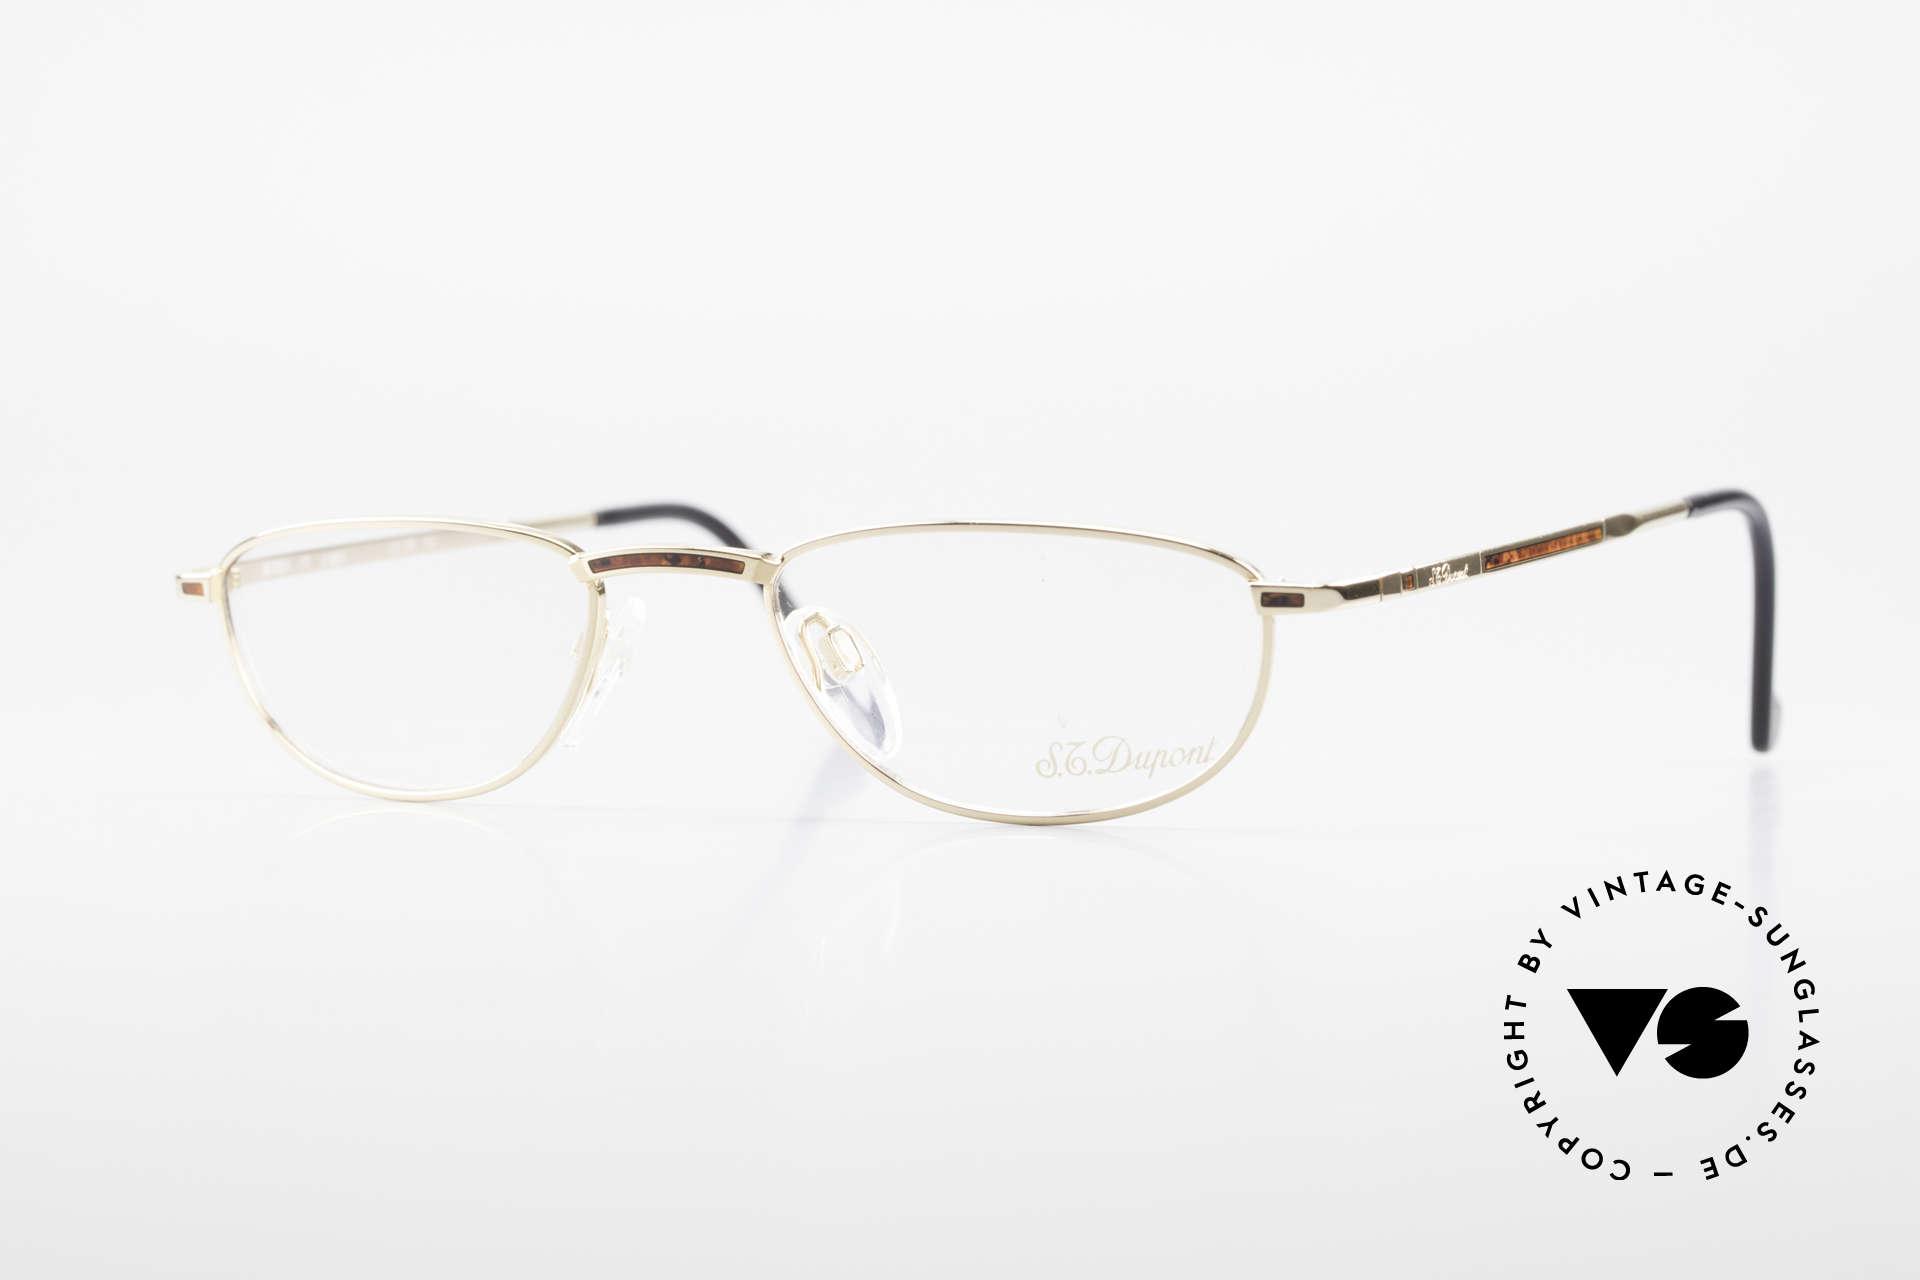 S.T. Dupont D051 Luxury Reading Eyeglasses 23KT, very exclusive S.T. DUPONT reading glasses, size 51°20, Made for Men